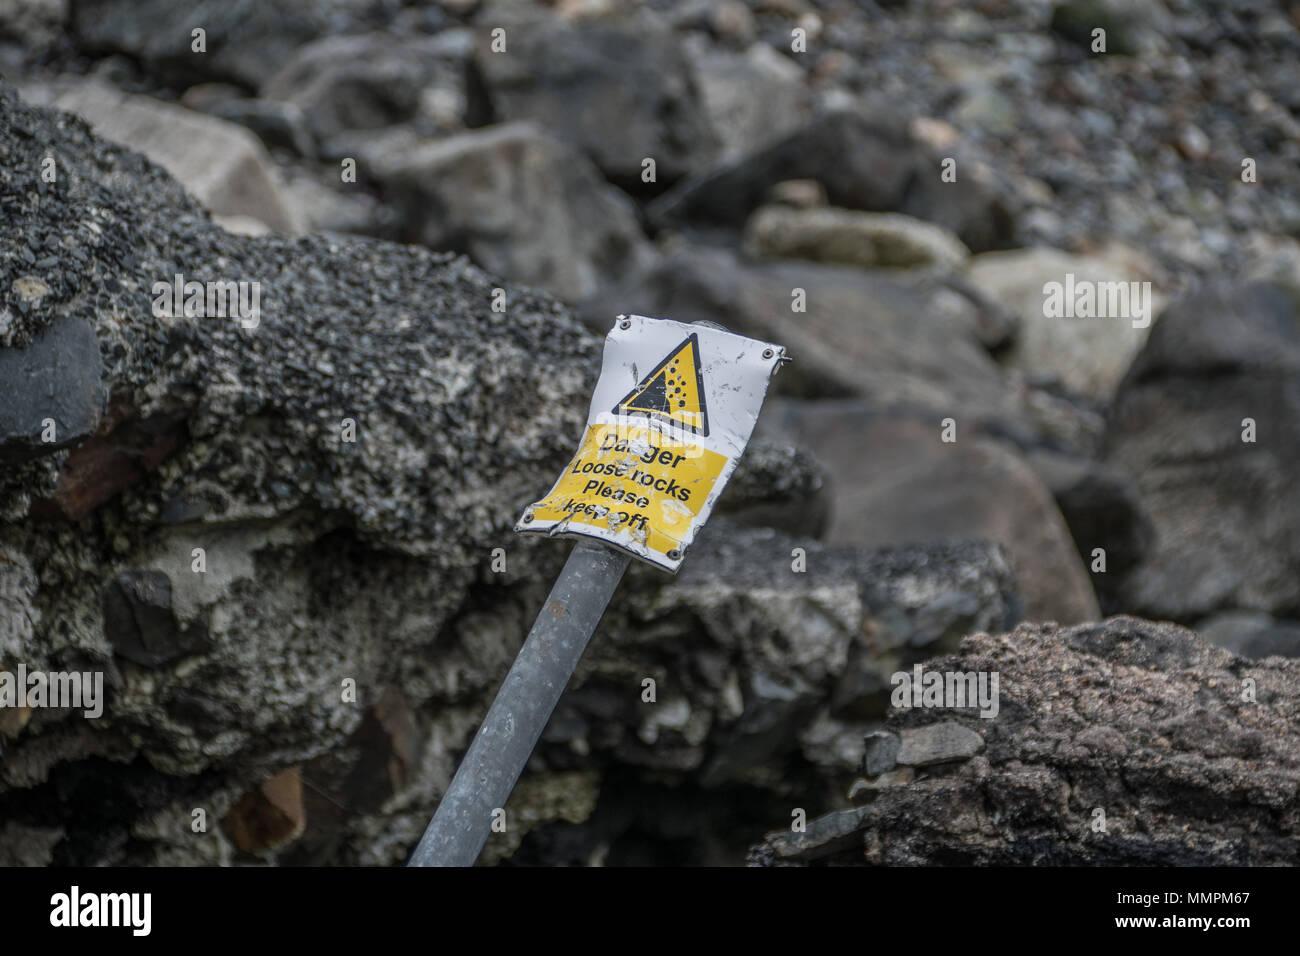 Peligro de rocas sueltas signo de que se ha doblado y se vuelquen contra algunas rocas sueltas en la costa de Newlyn en Cornwall. Imagen De Stock